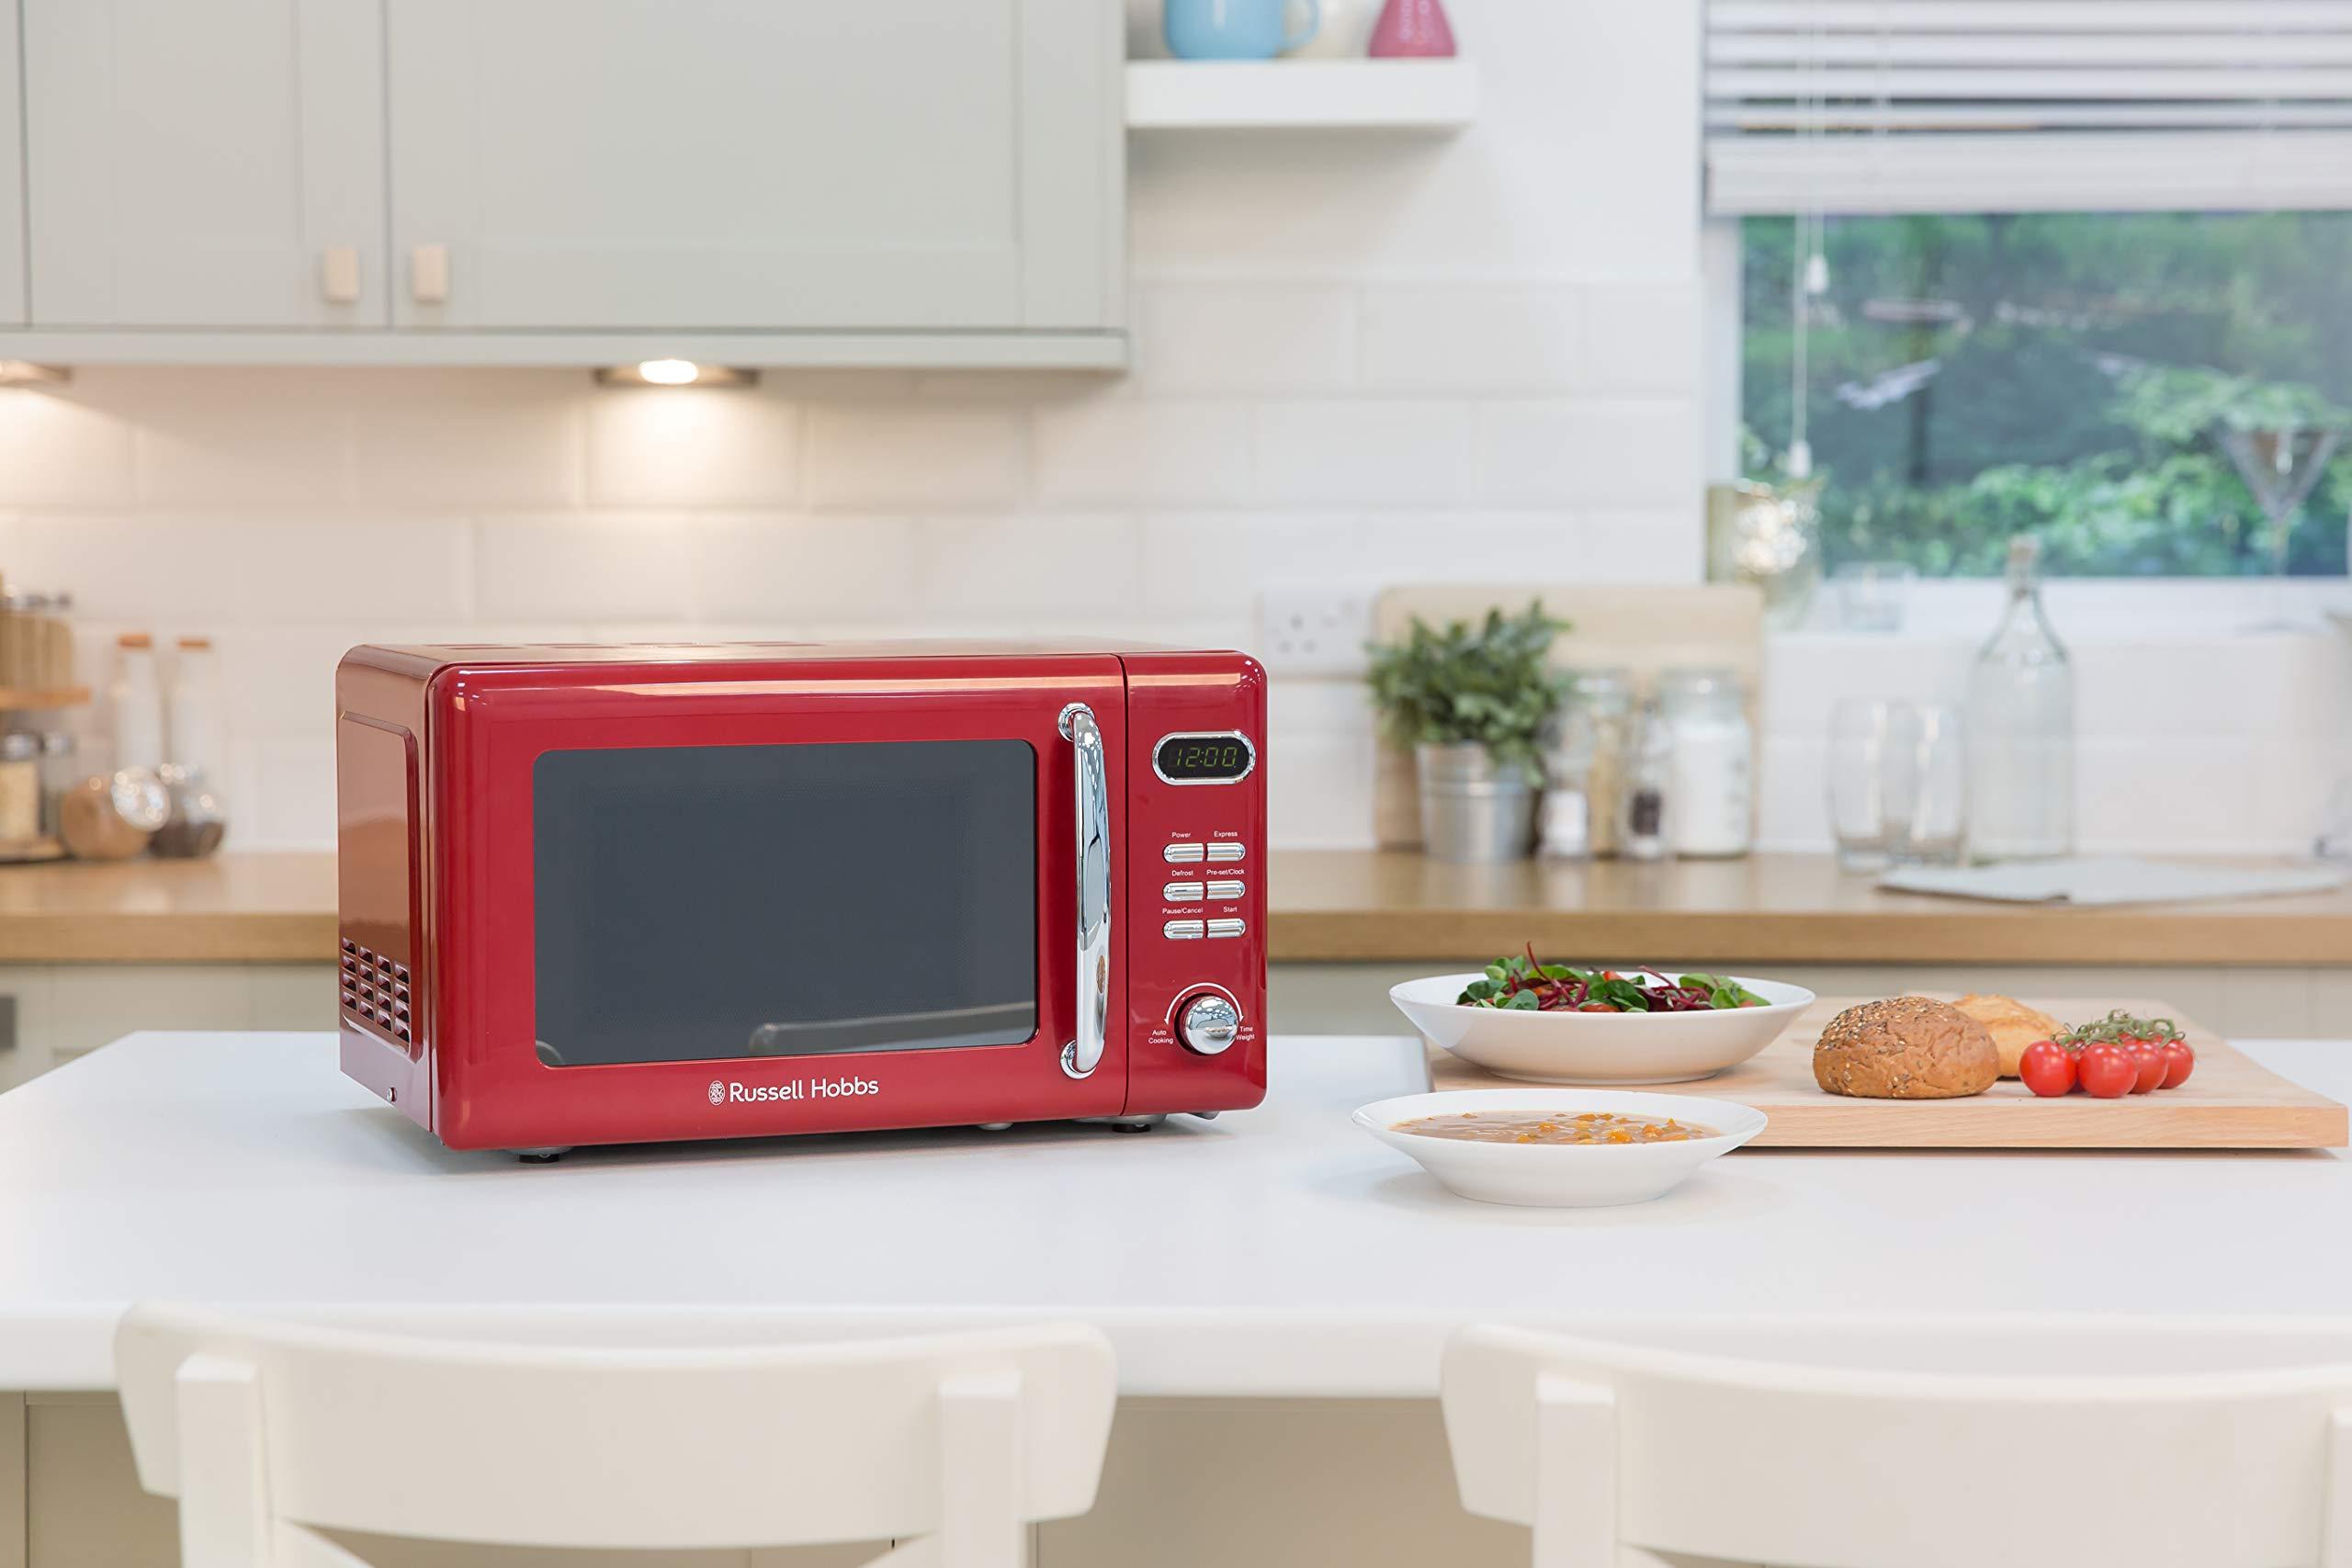 71yf66GOMyL - Russell Hobbs RHRETMD806R Solo Microwave, Red, 17 liters